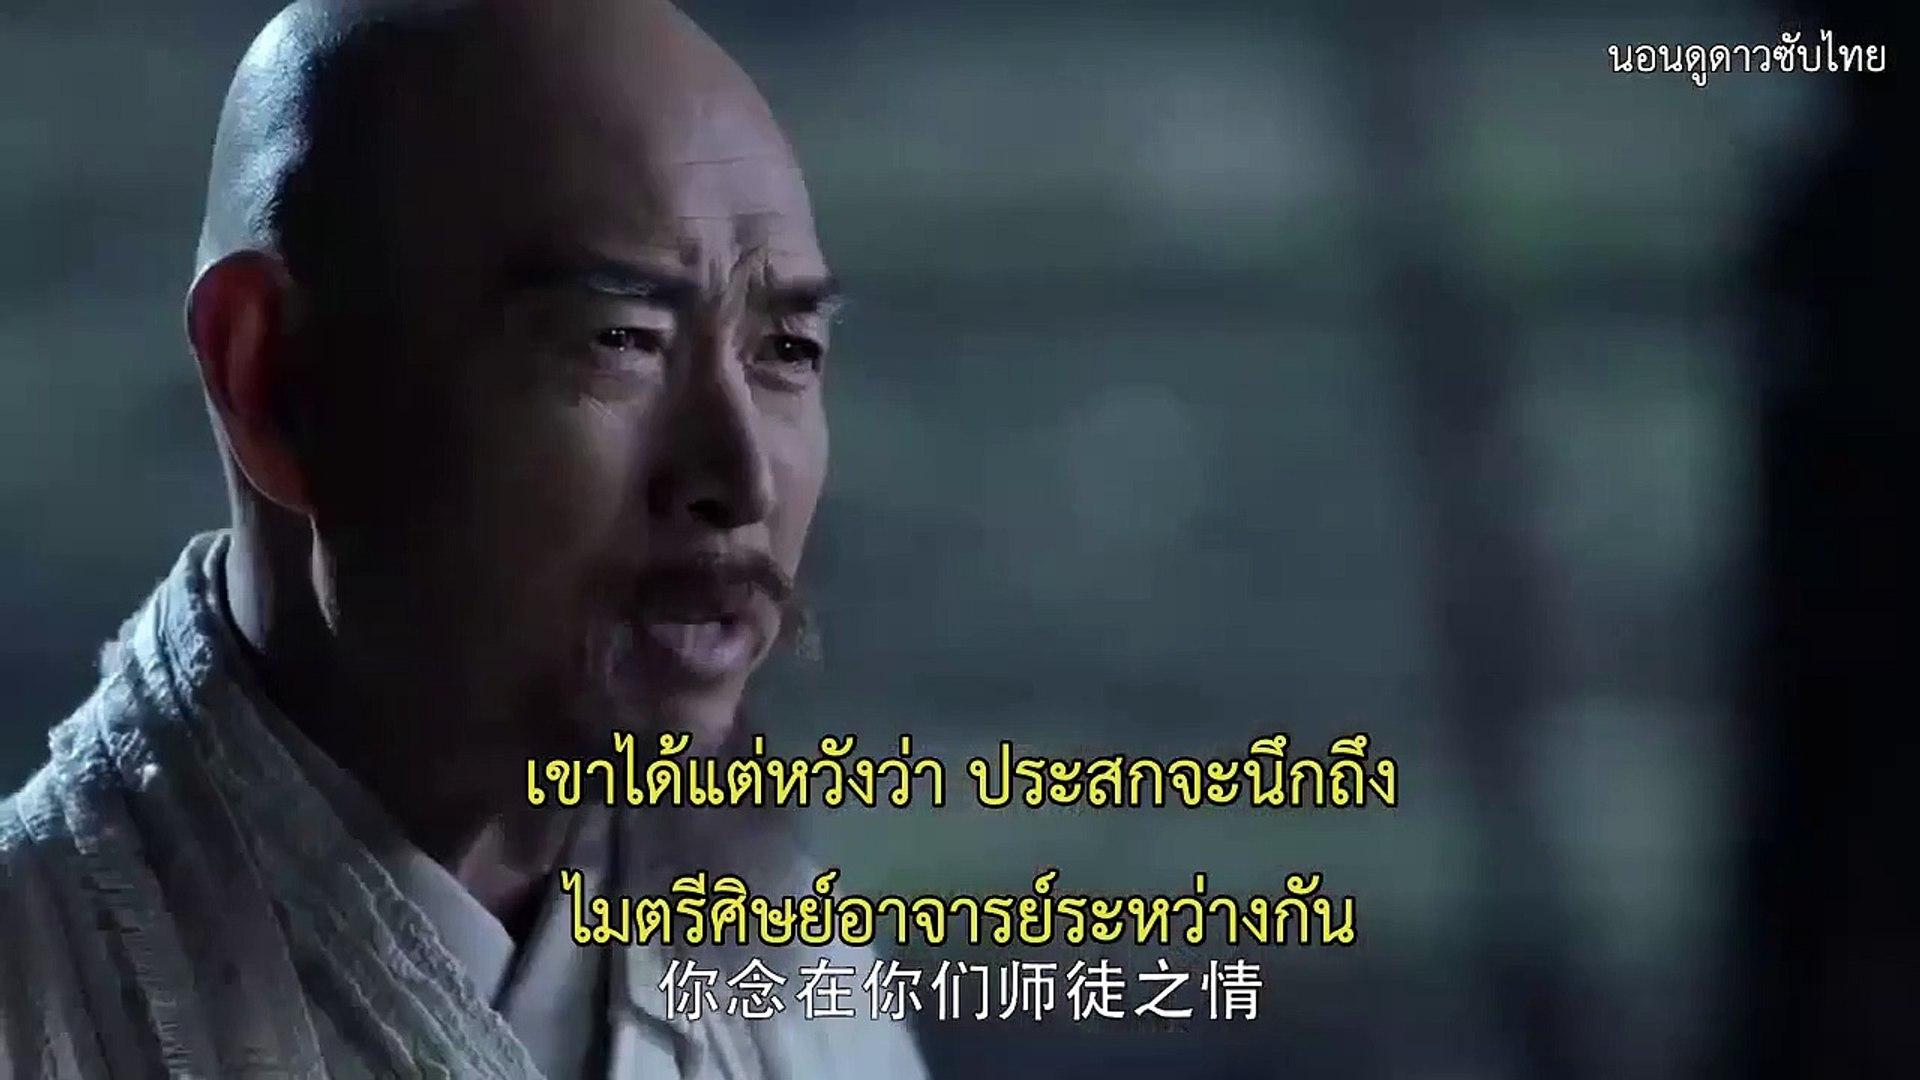 ดาบมังกรหยก2019 ซับไทย ตอนที่ 6